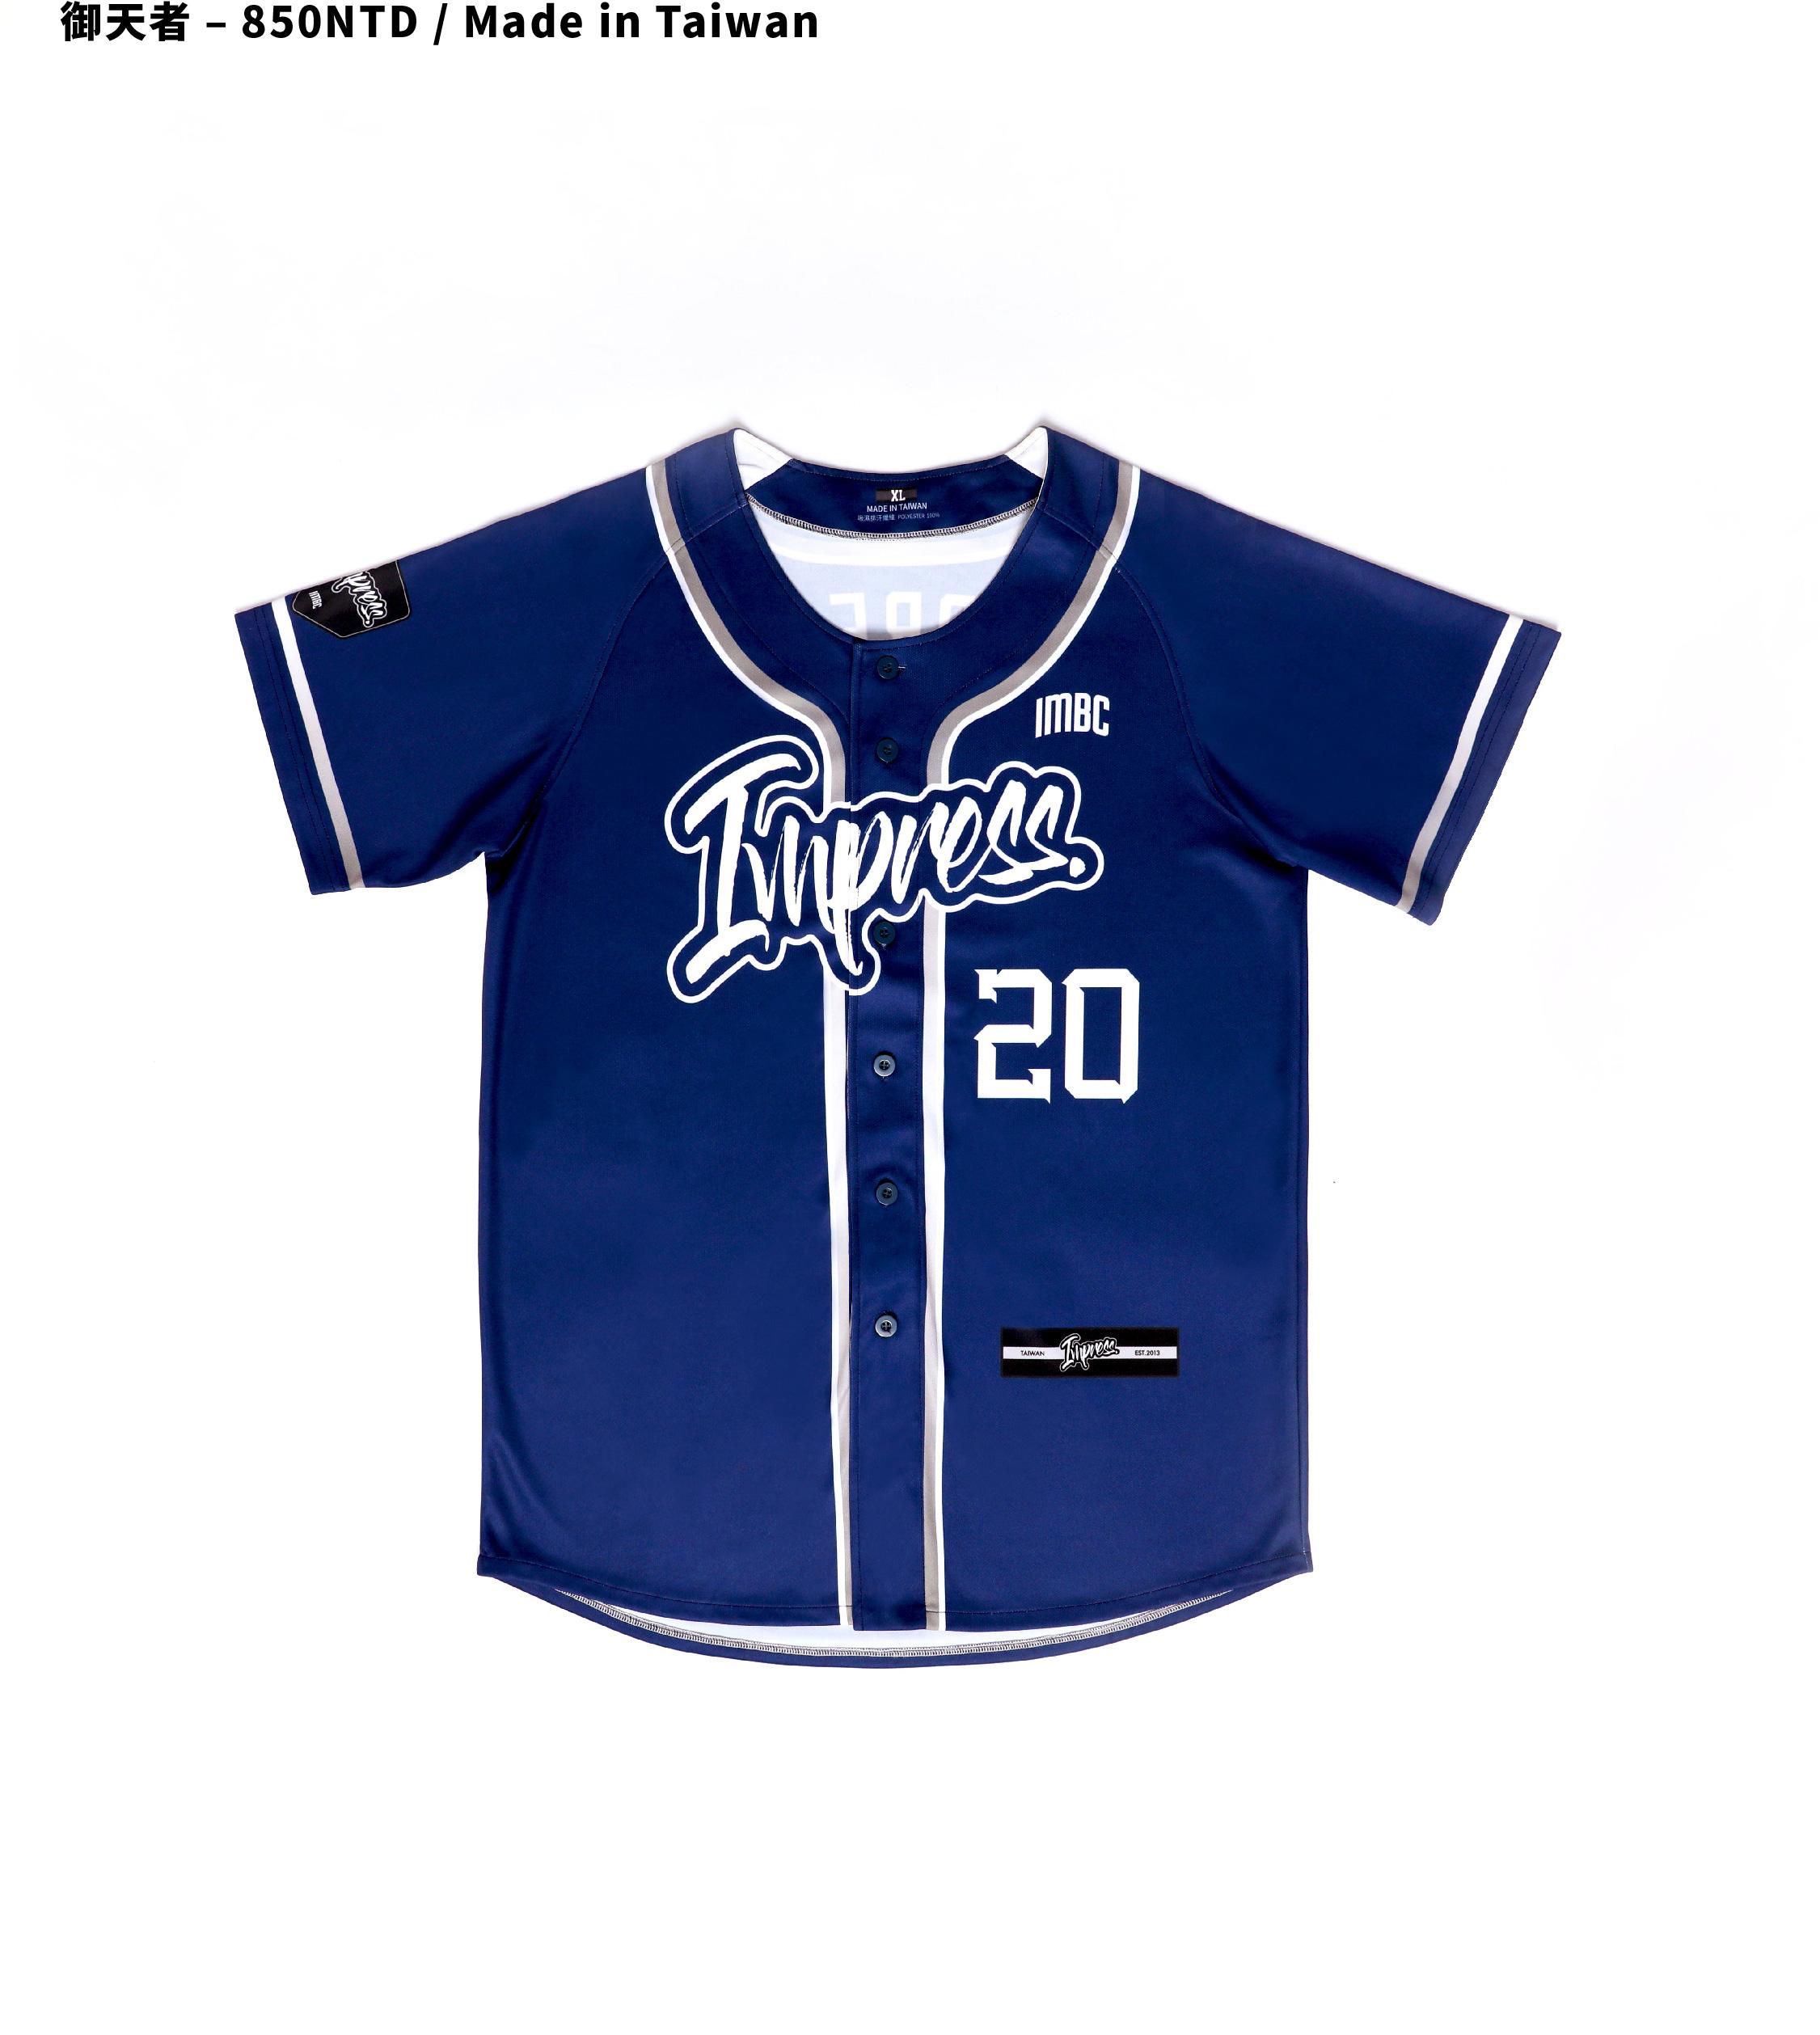 棒壘球衣訂做-3